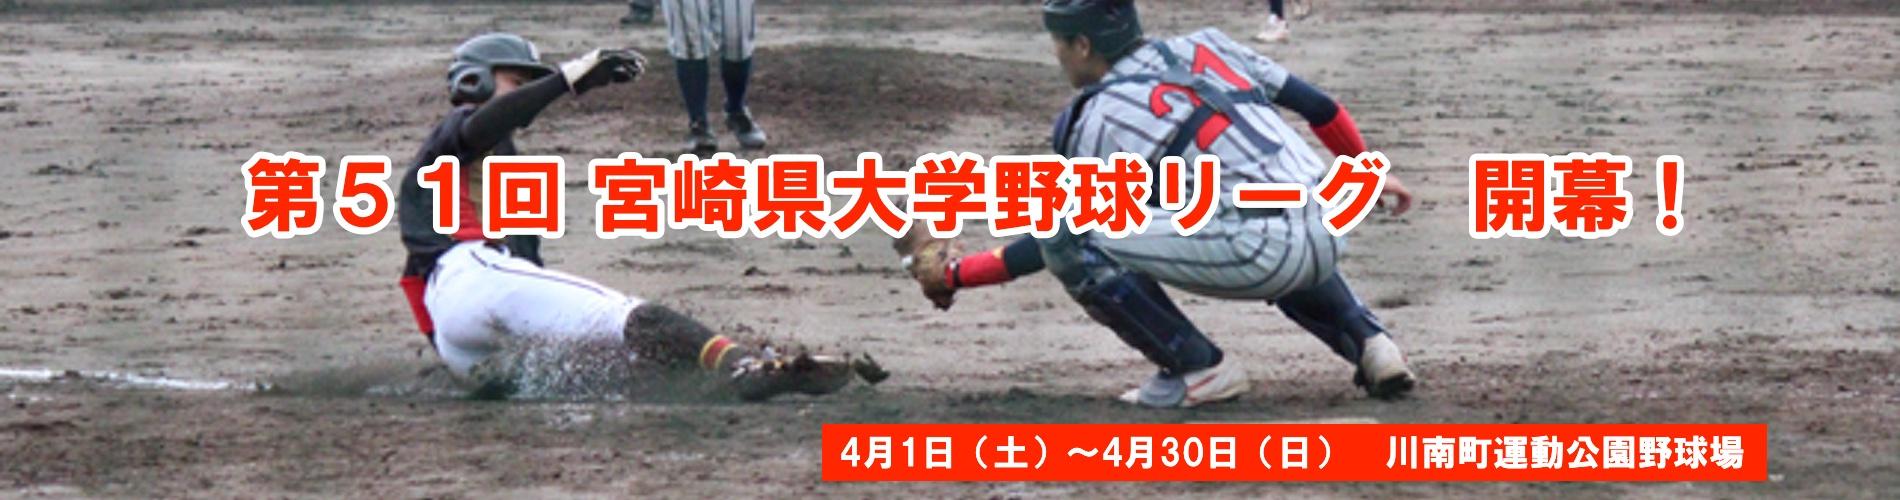 宮崎県大学野球リーグ